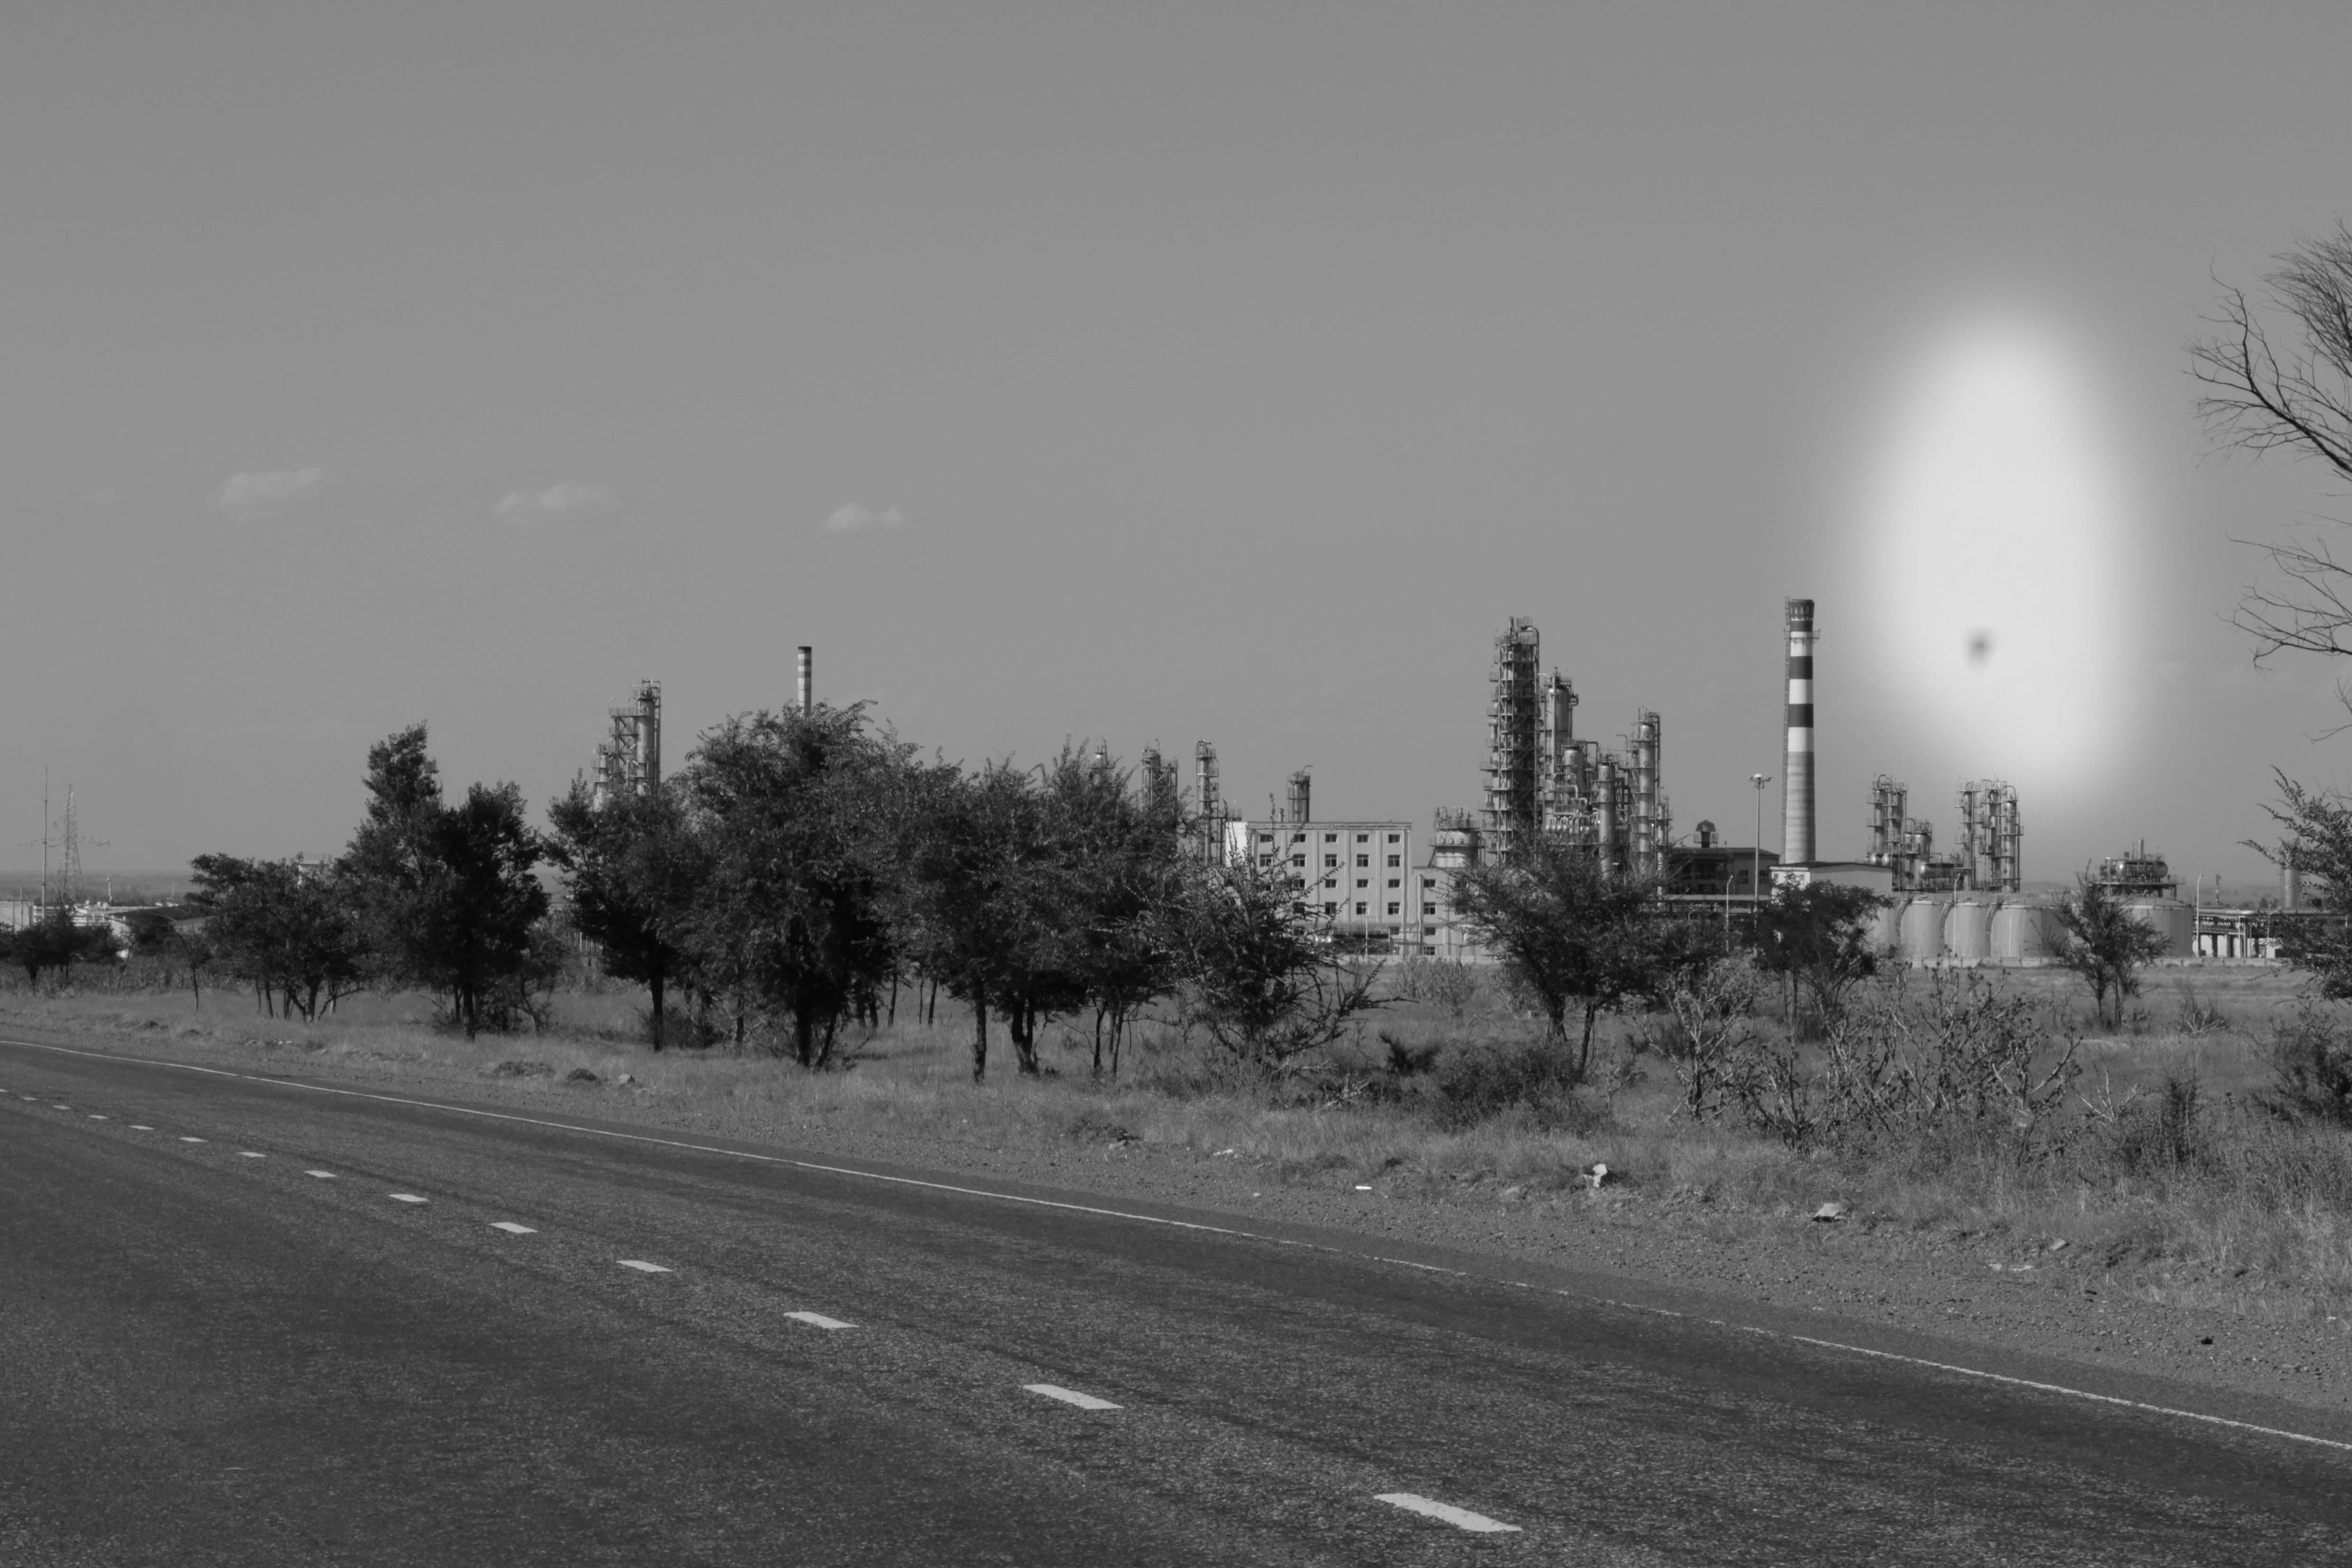 Нефтеперерабатывающий завод Джунда принес горожанам рабочие места, и с тем  экологические проблемы